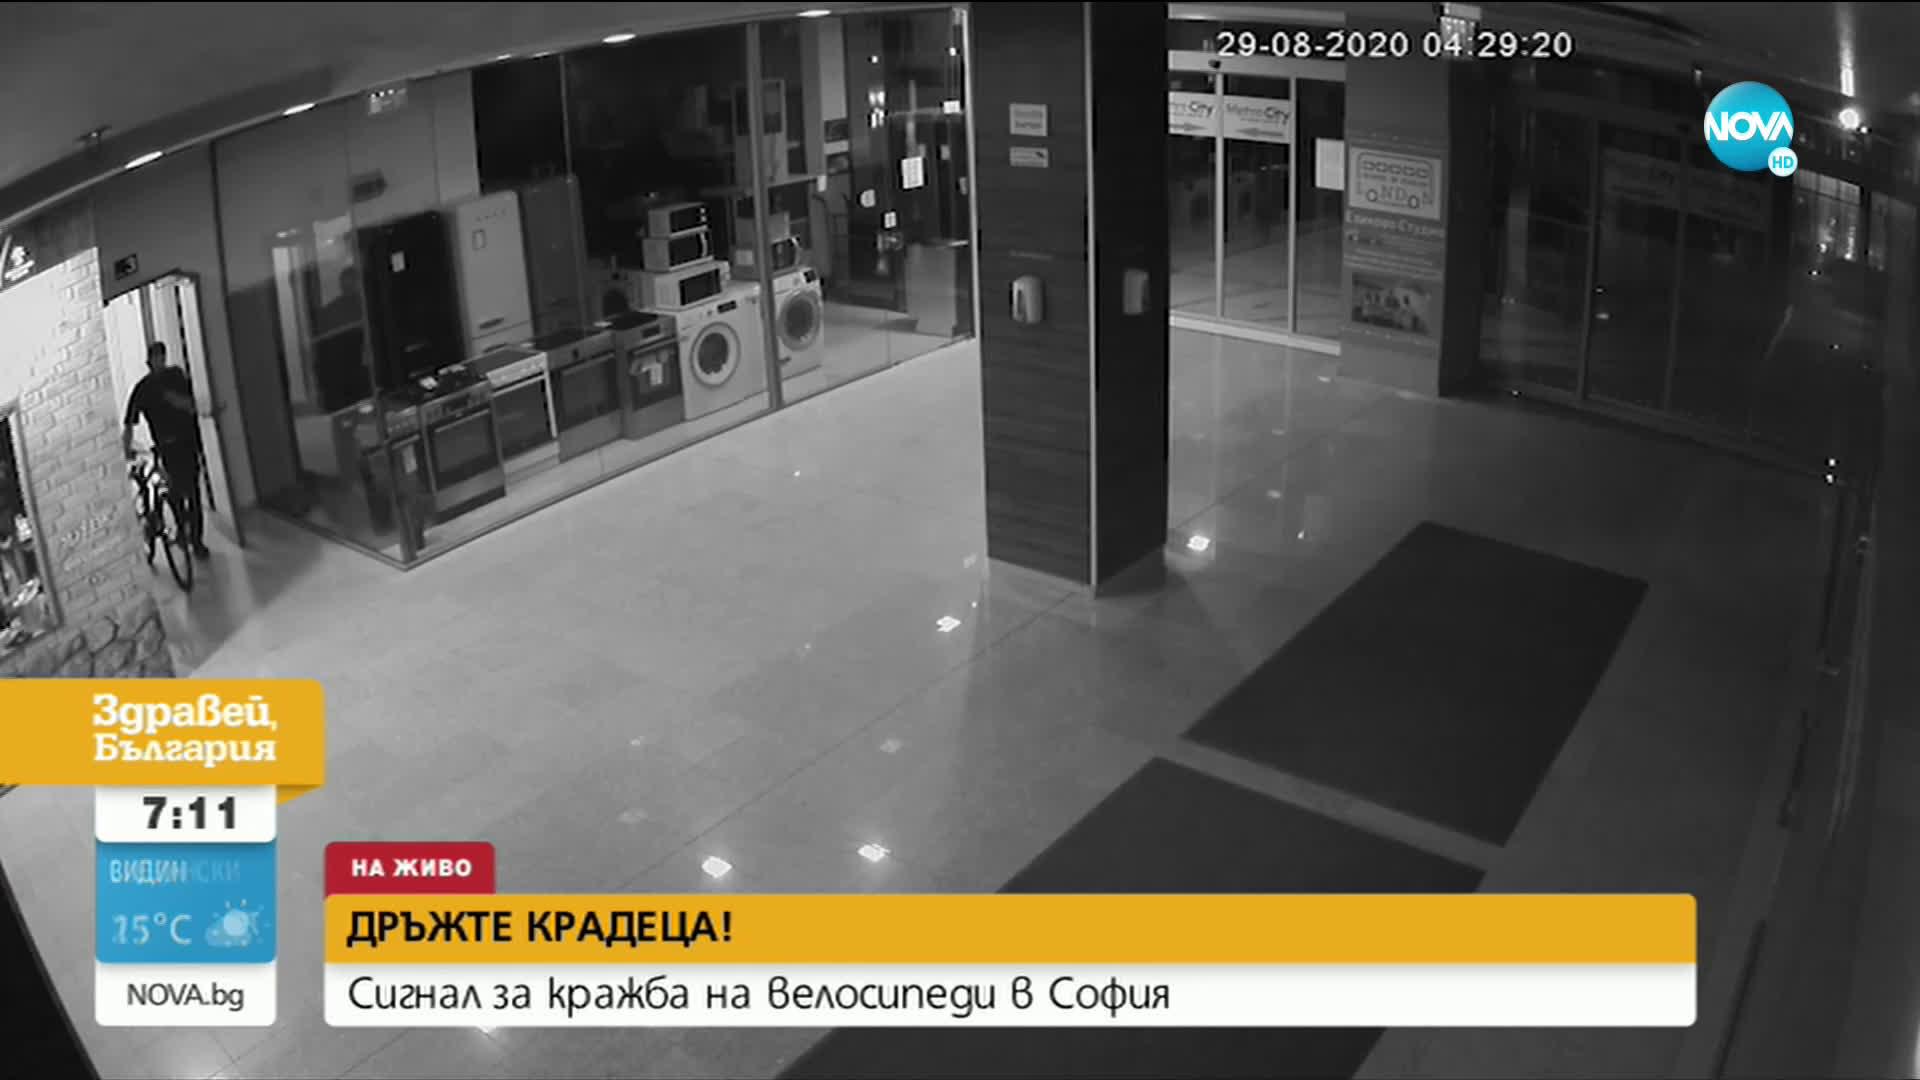 """""""Дръжте крадеца"""": Откраднаха детски колела от жилищен блок в София"""